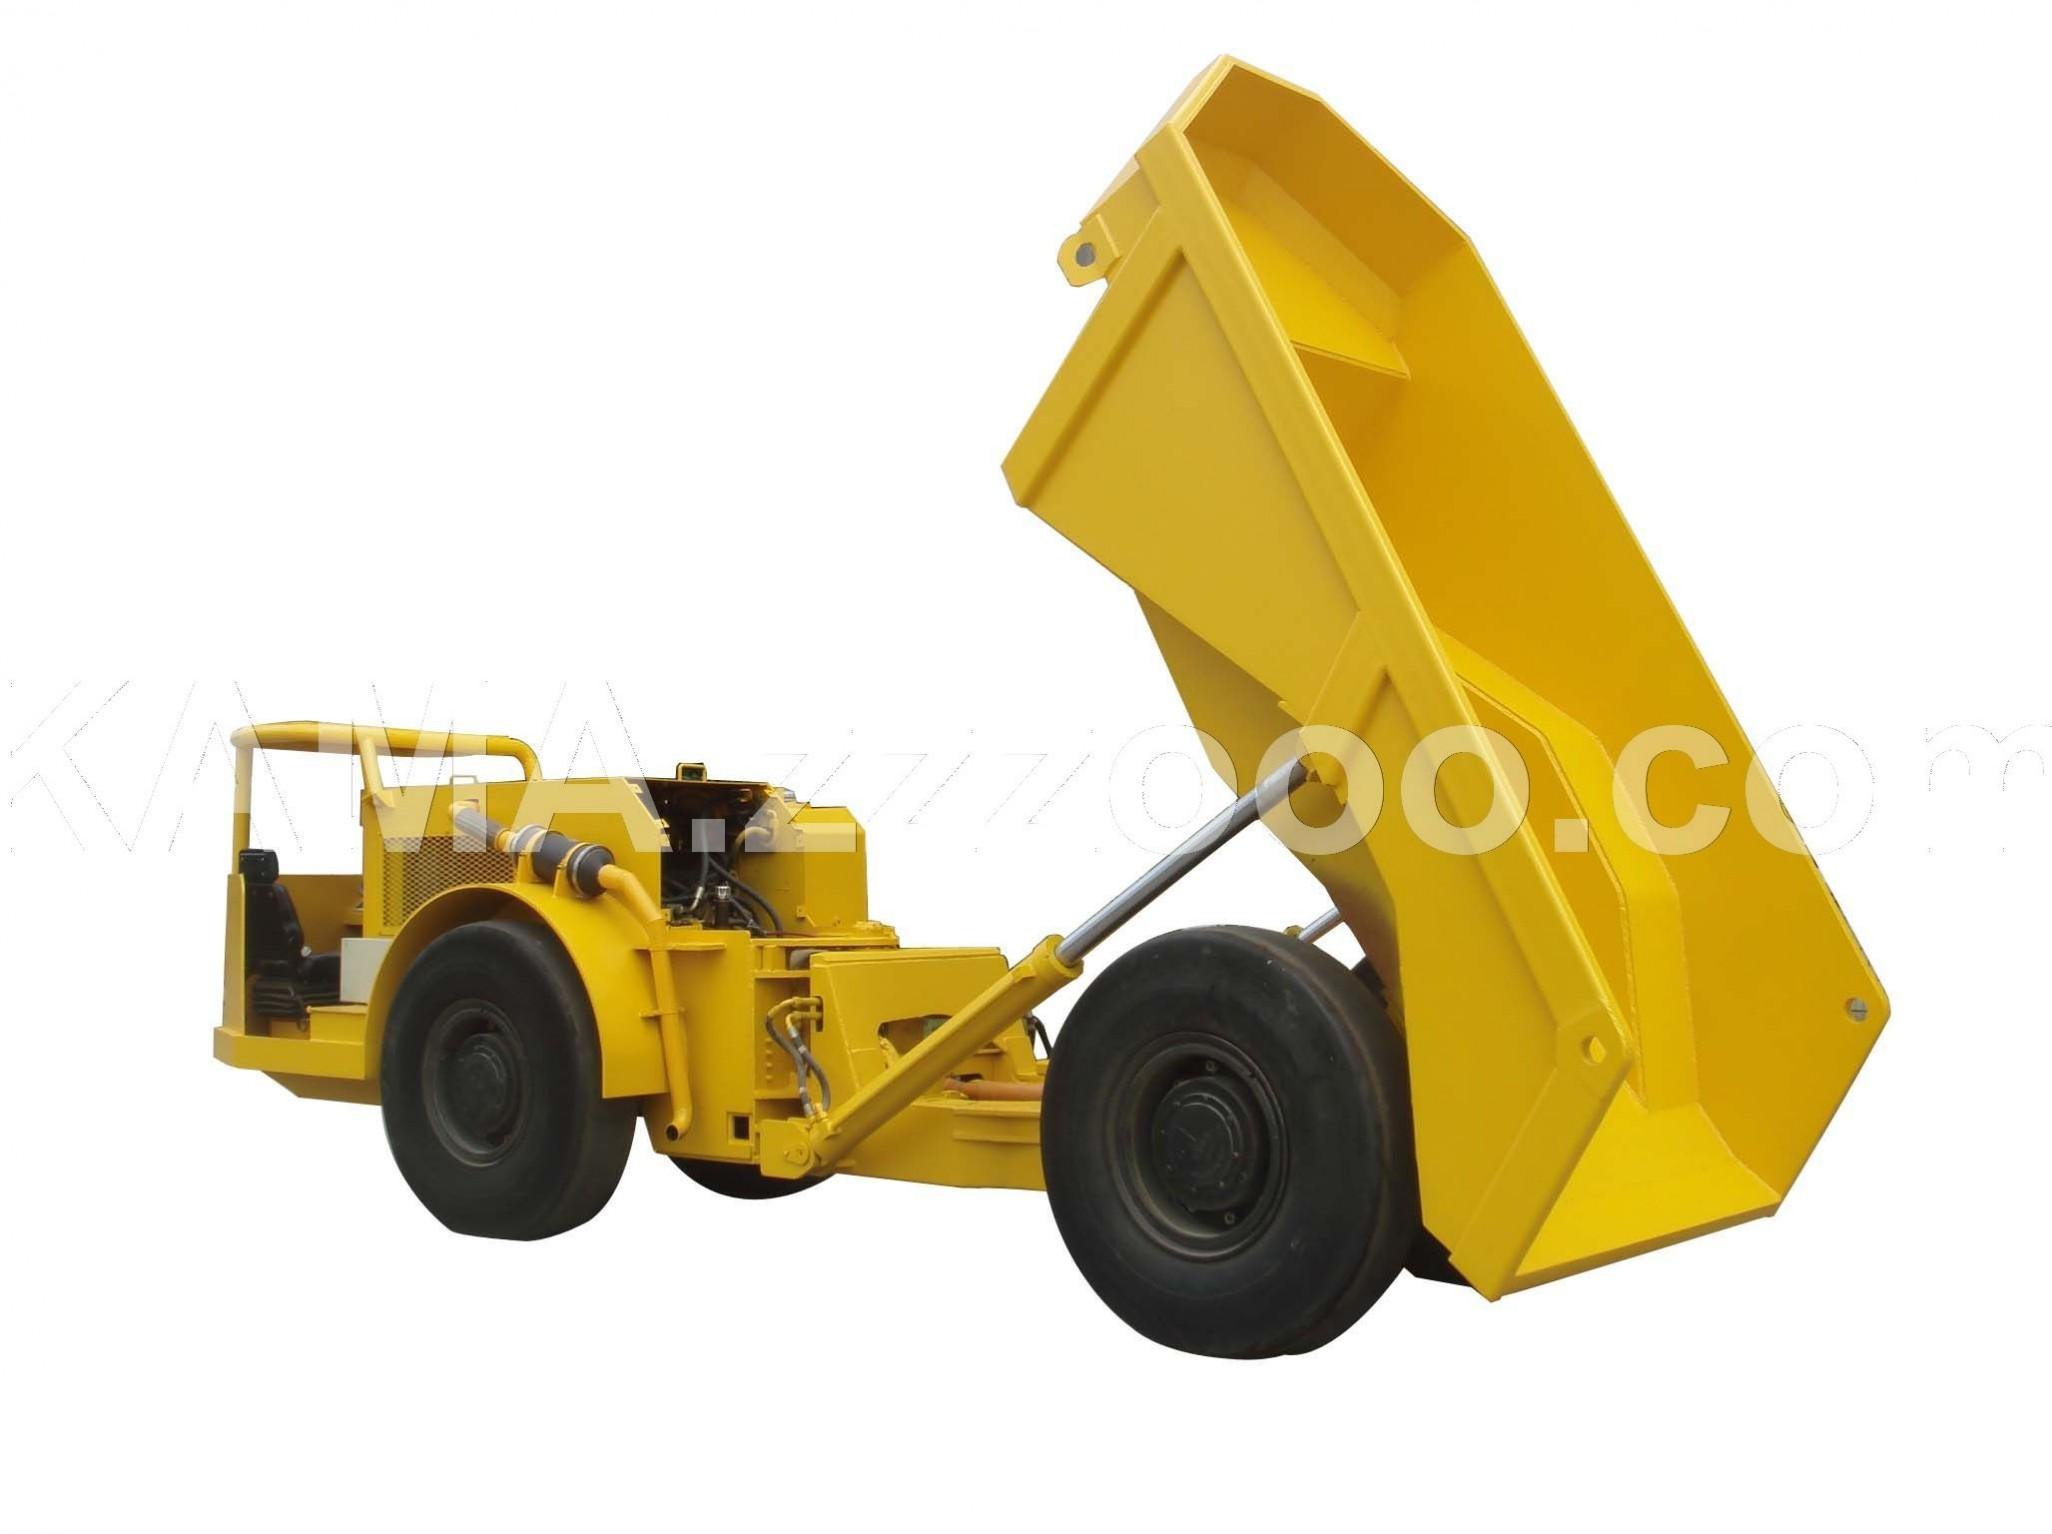 KU系列运矿卡车